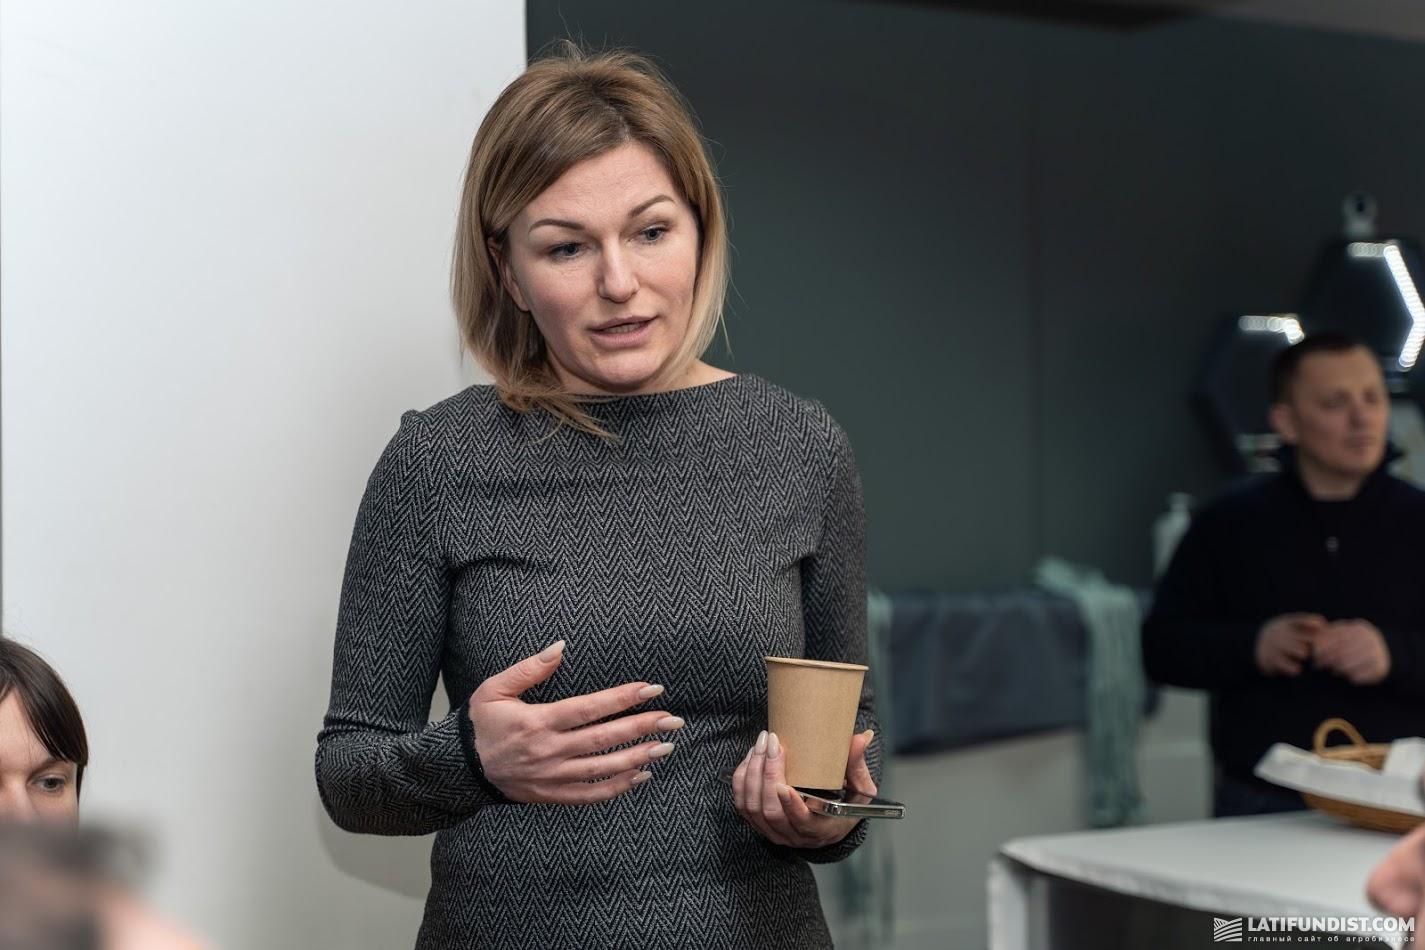 Анна Беликова, руководитель управления продаж направления HoReCa МХП